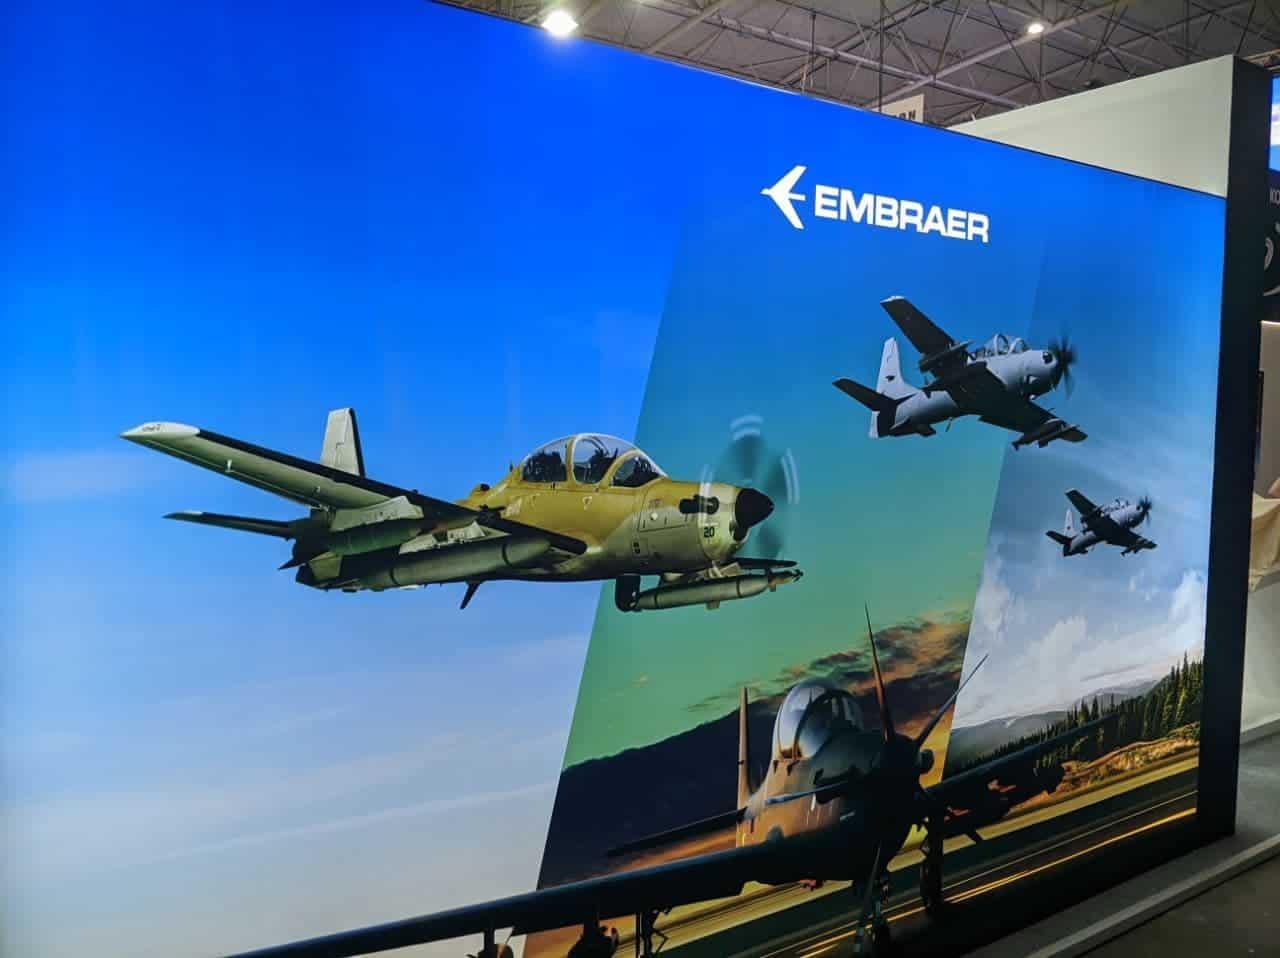 Стенд Embraer на виставці у Києві